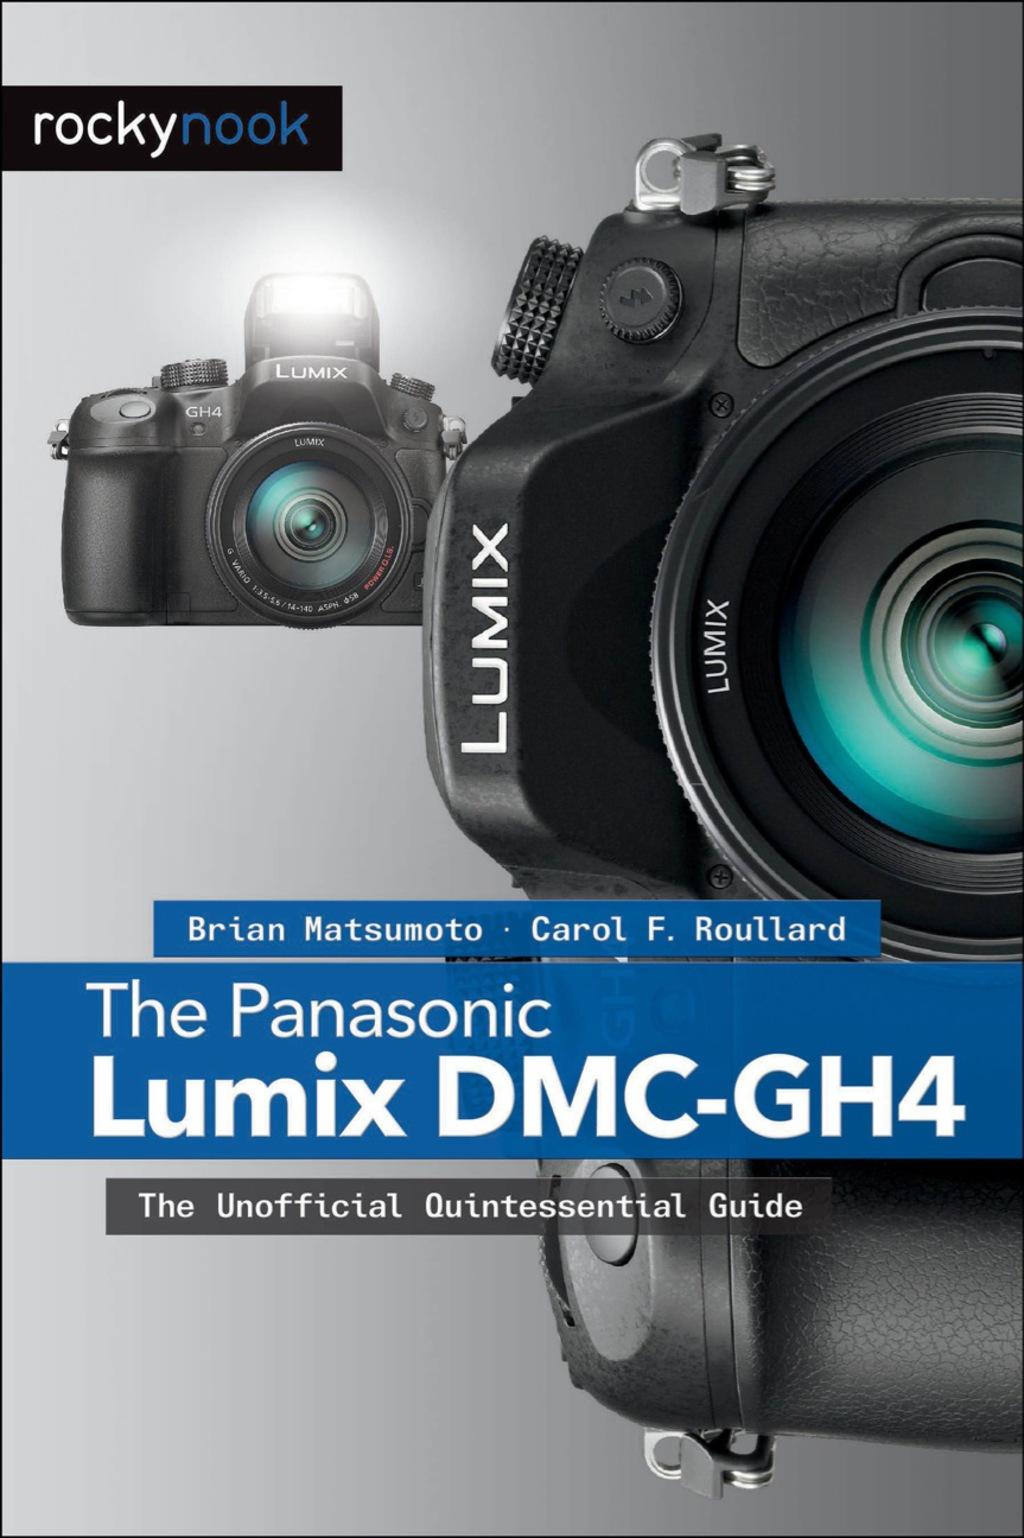 Gh4 Canada Wasabi Blf19 Battery Kit For Panasonic Gh3 Gh5 The Lumix Dmc Ebook 9781937538927 Photo